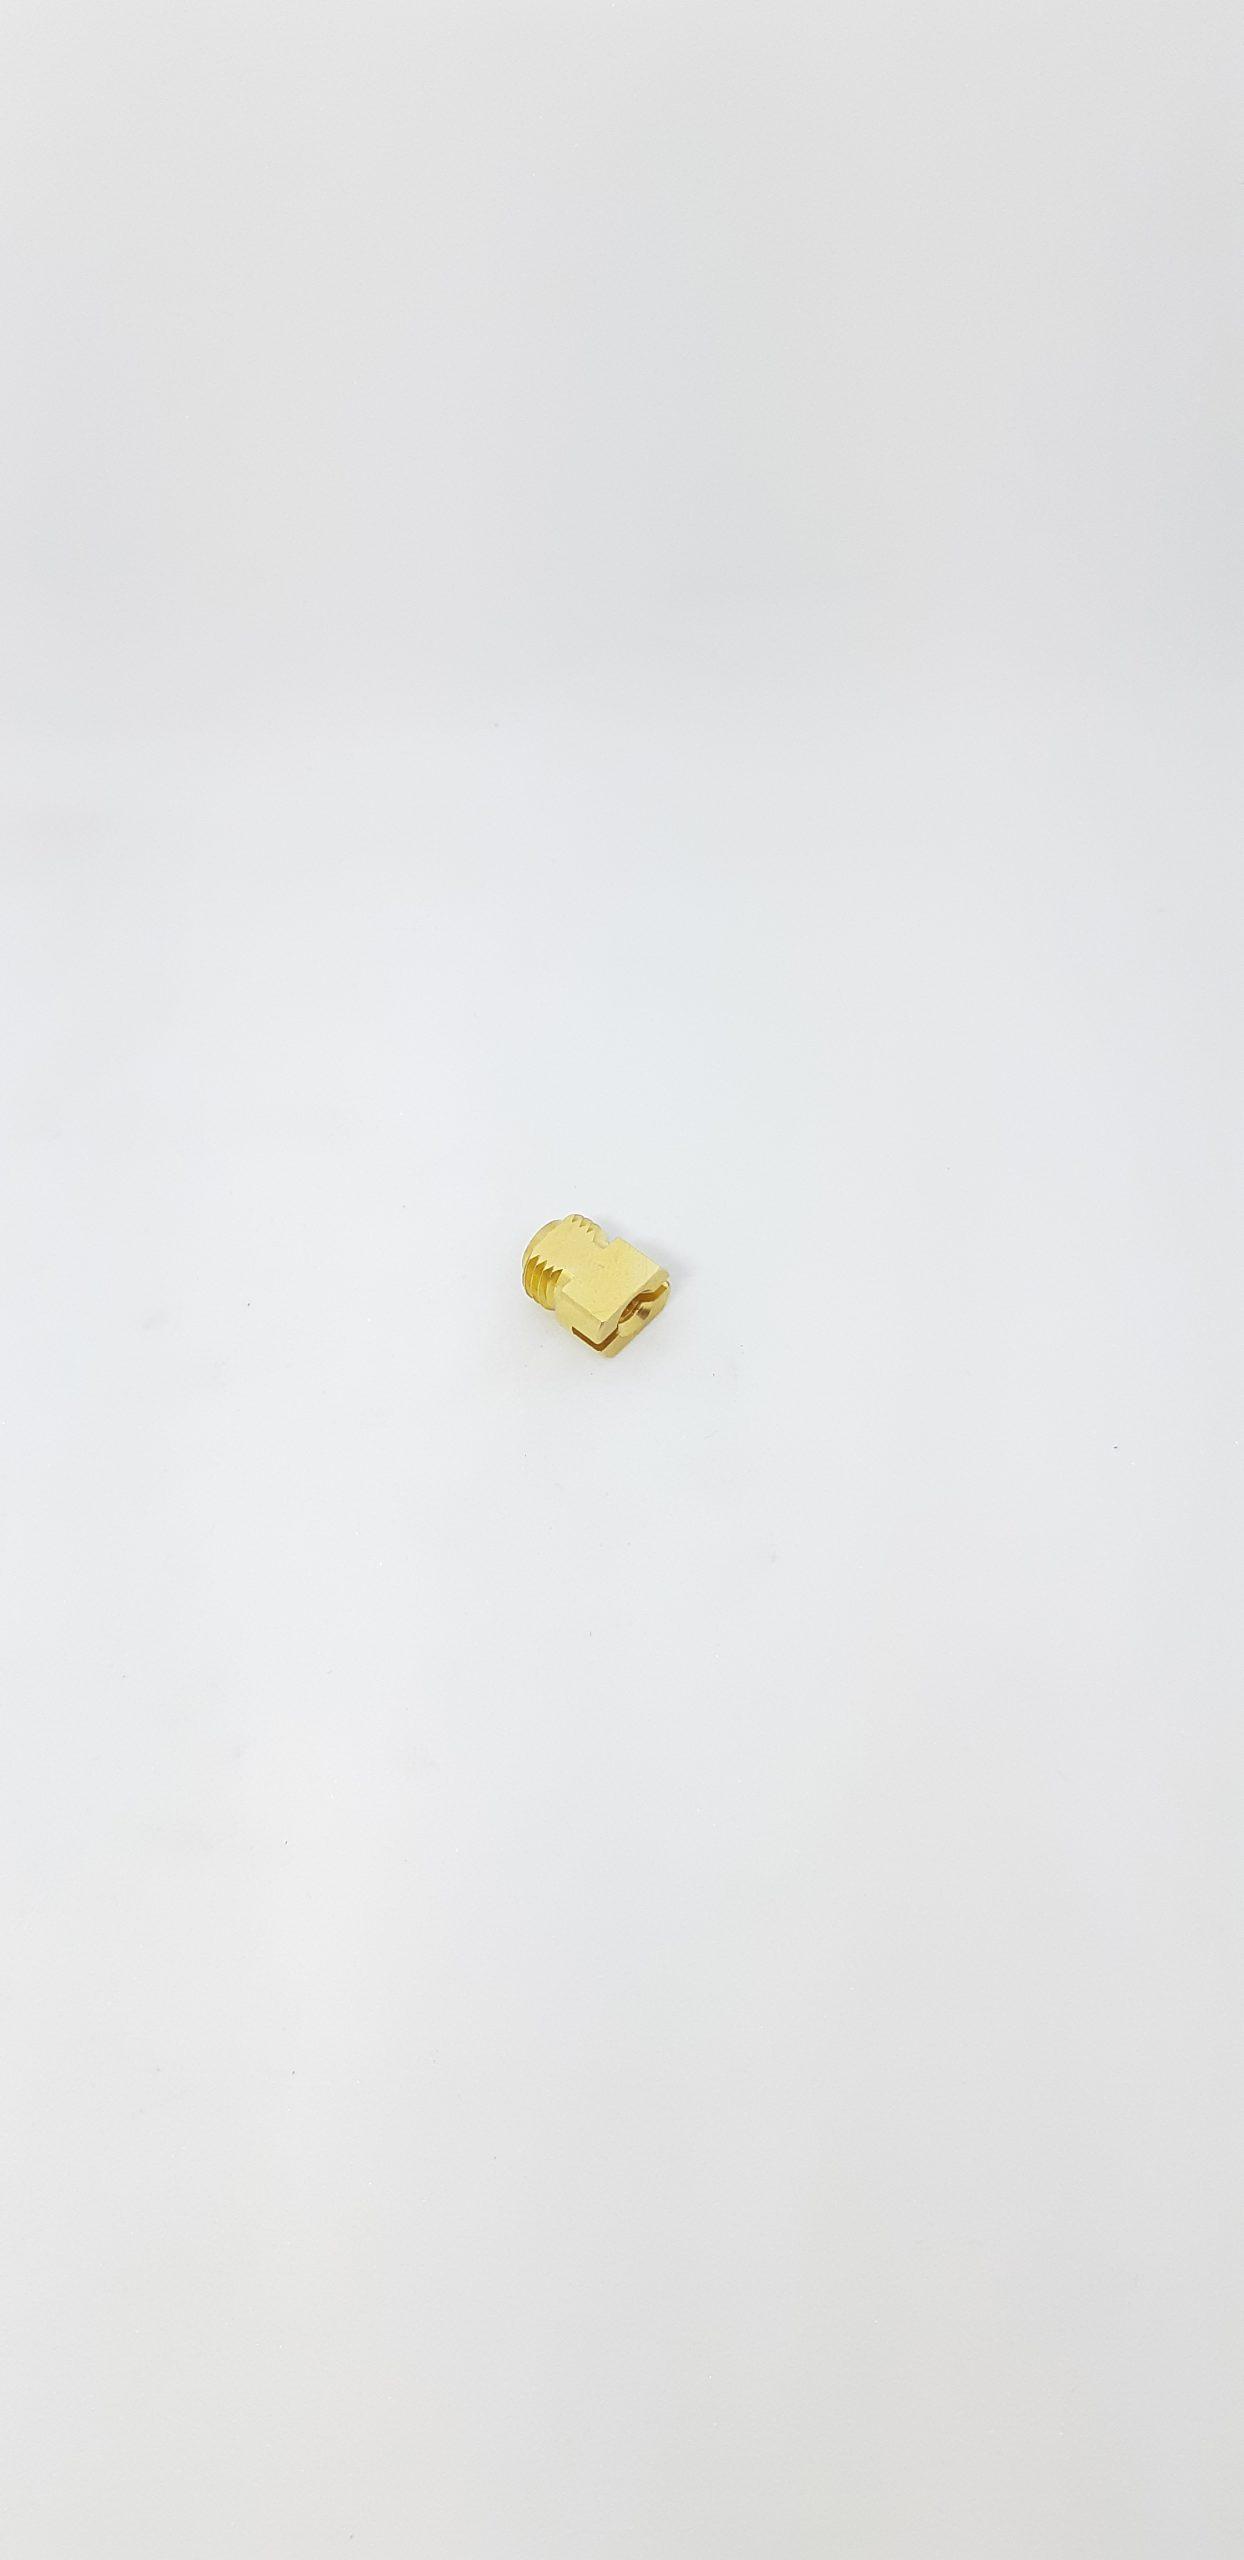 Нипелче за делонги 10.8mm M10x1 H1 - 6213271429